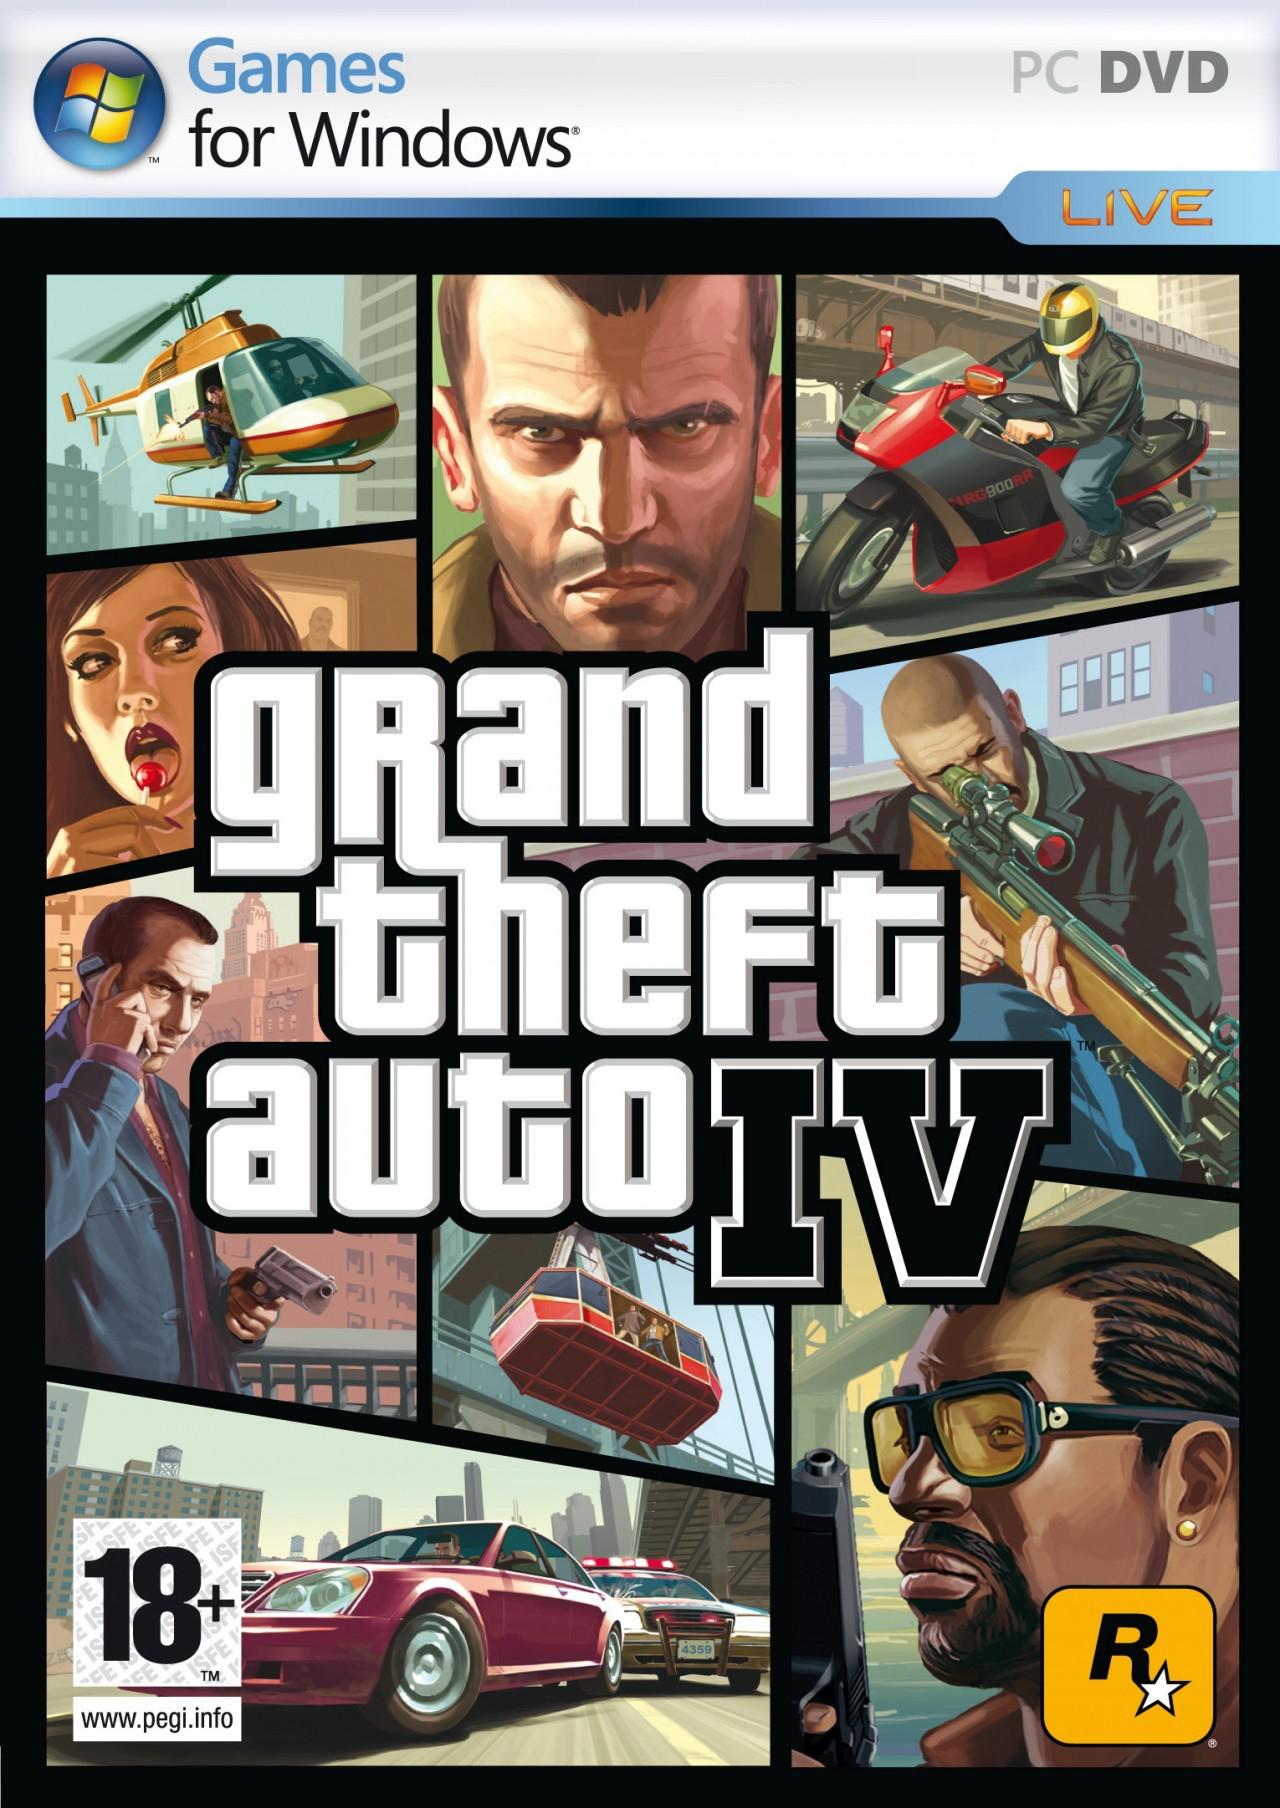 Promotion sur les jeux Rockstar sur PC (Dématérialisé) - Ex:  Max Payne à 4.99€ et GTA 4